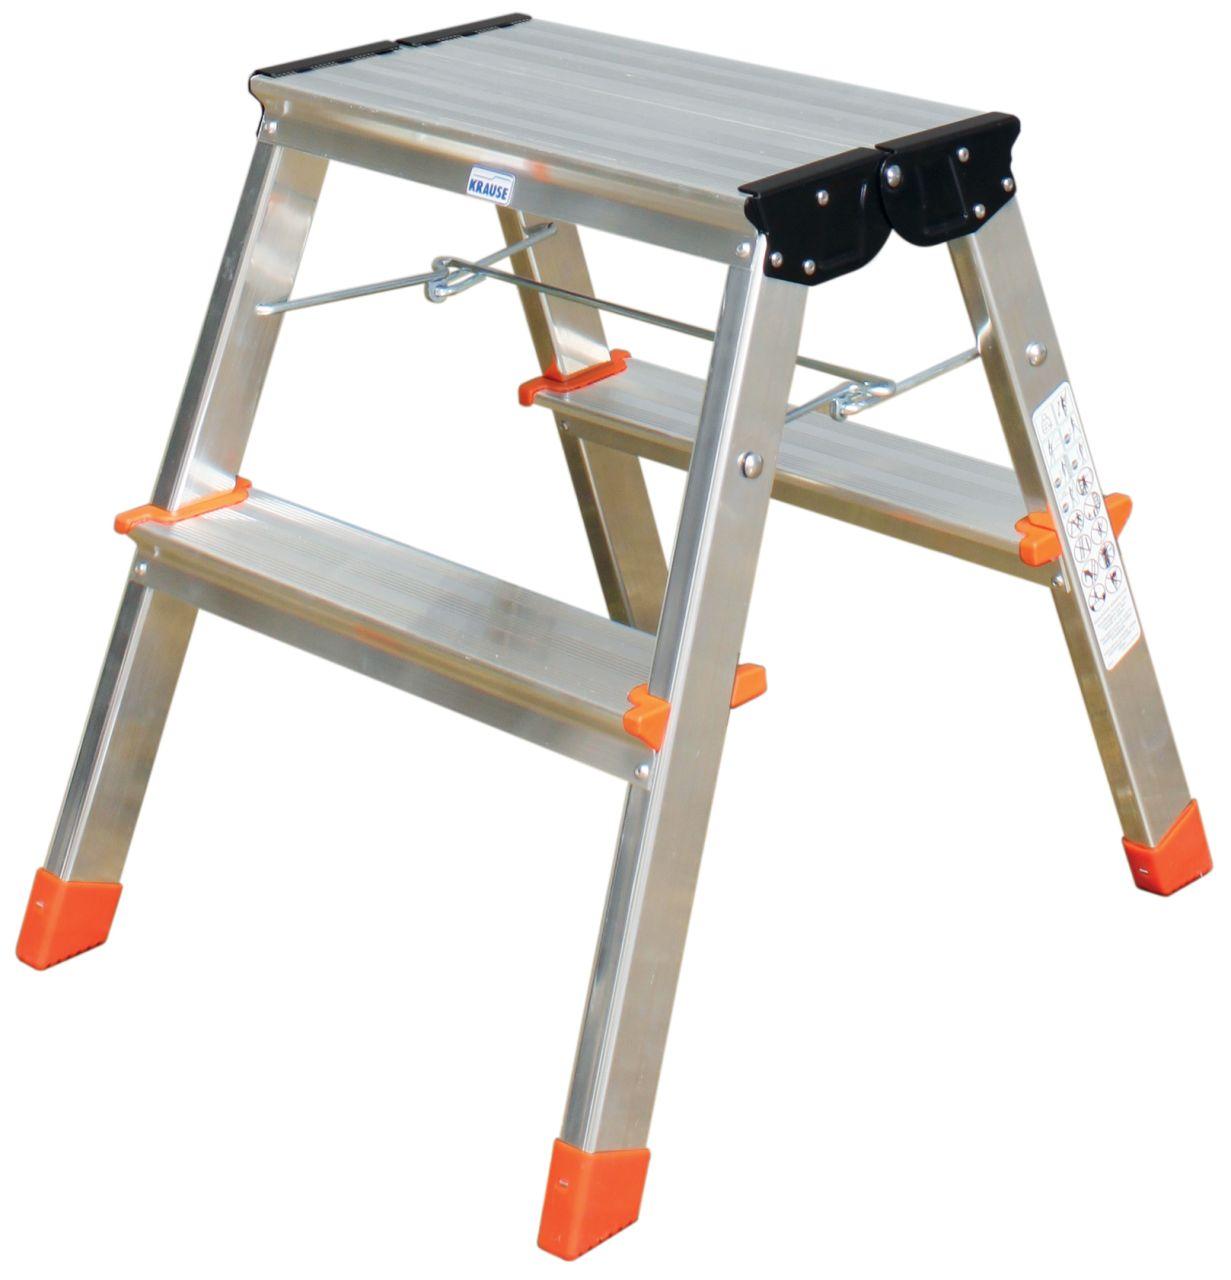 Schodki dwustronne składane Treppy. Lekkie, aluminiowe schodki dwustopniowe do prac na niedużej wysokości, oferujące wygodną platformę roboczą